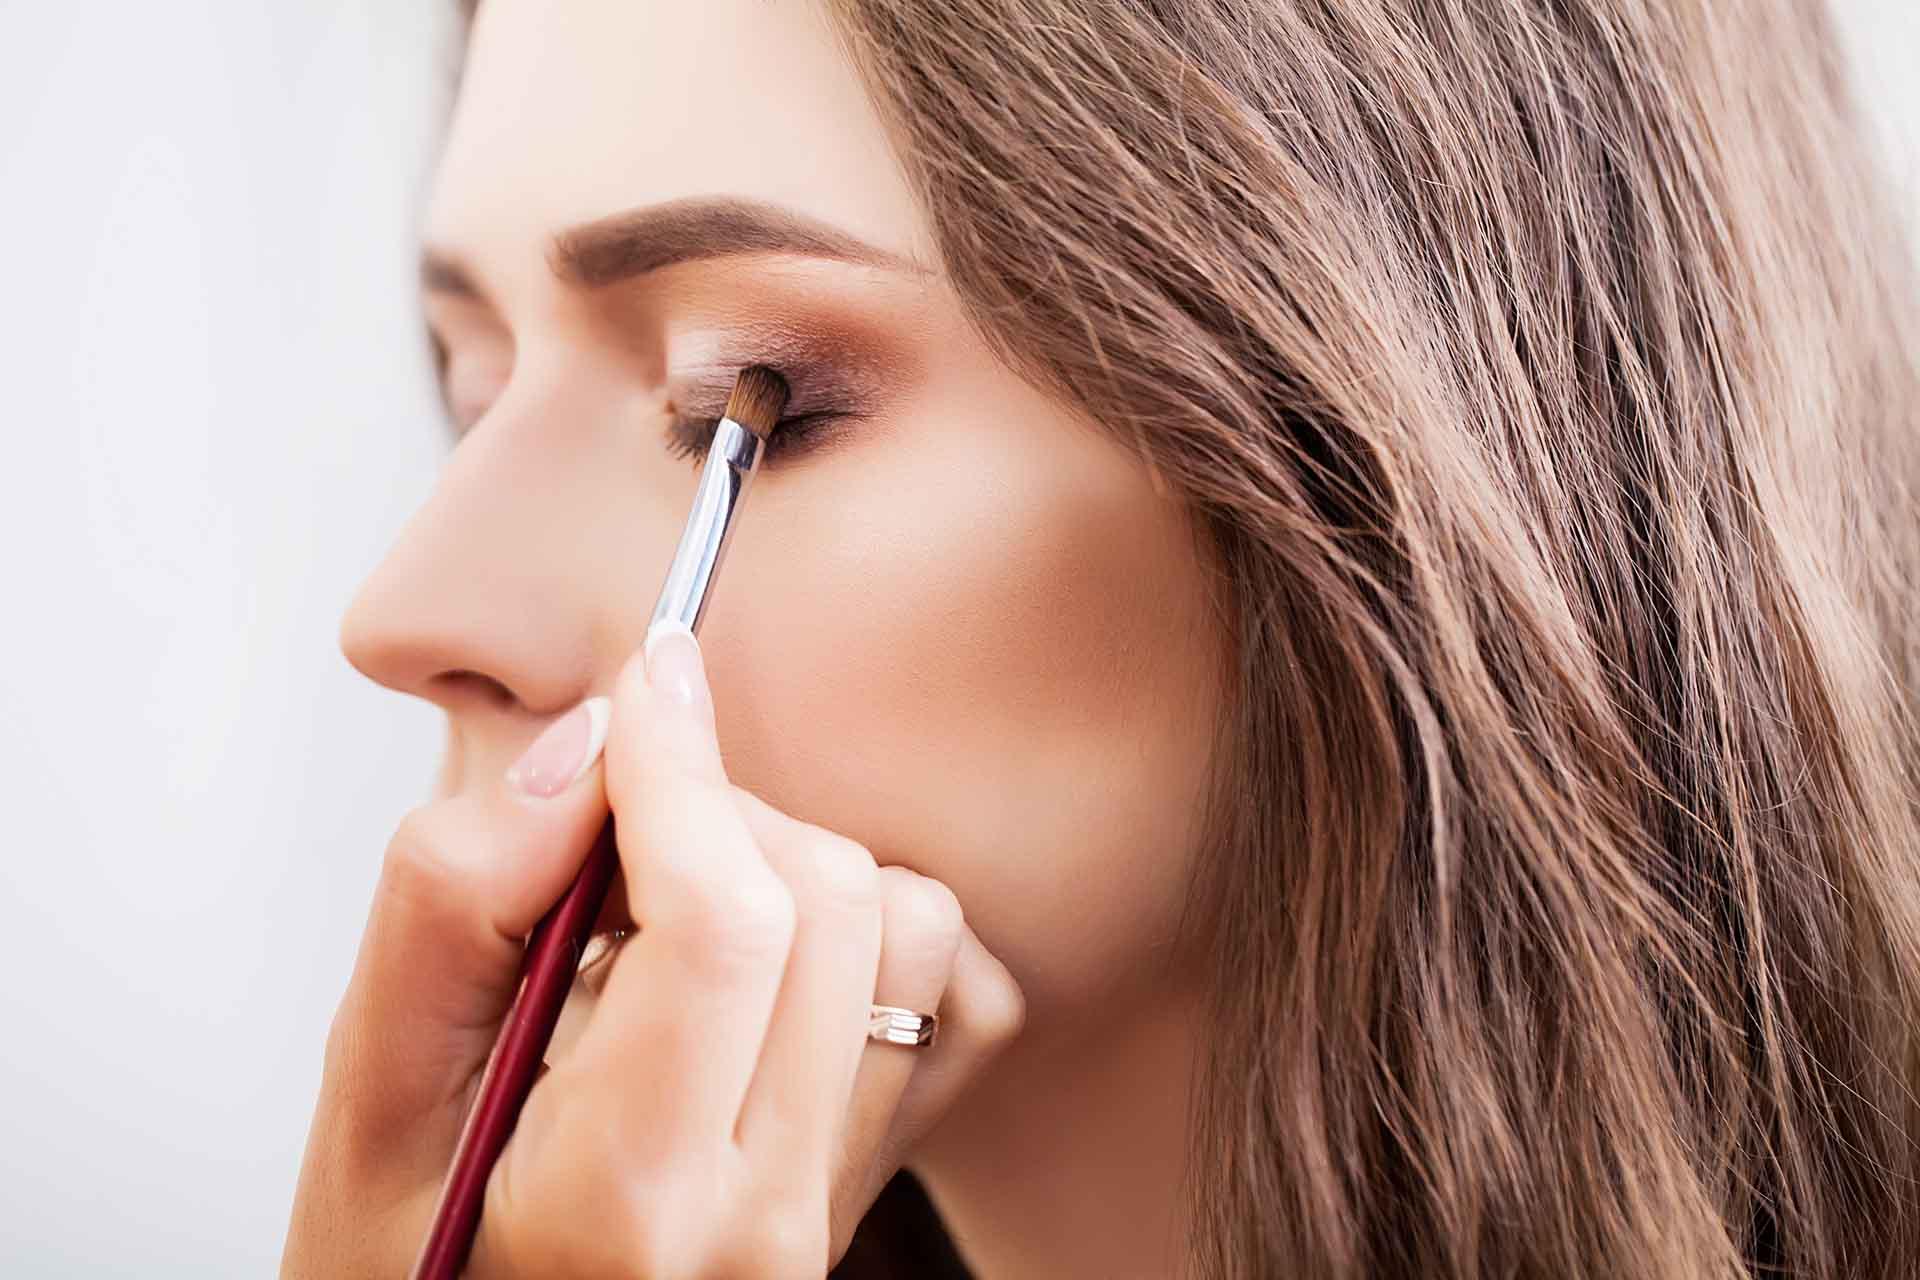 Eyebrow / Eyelash Tinting